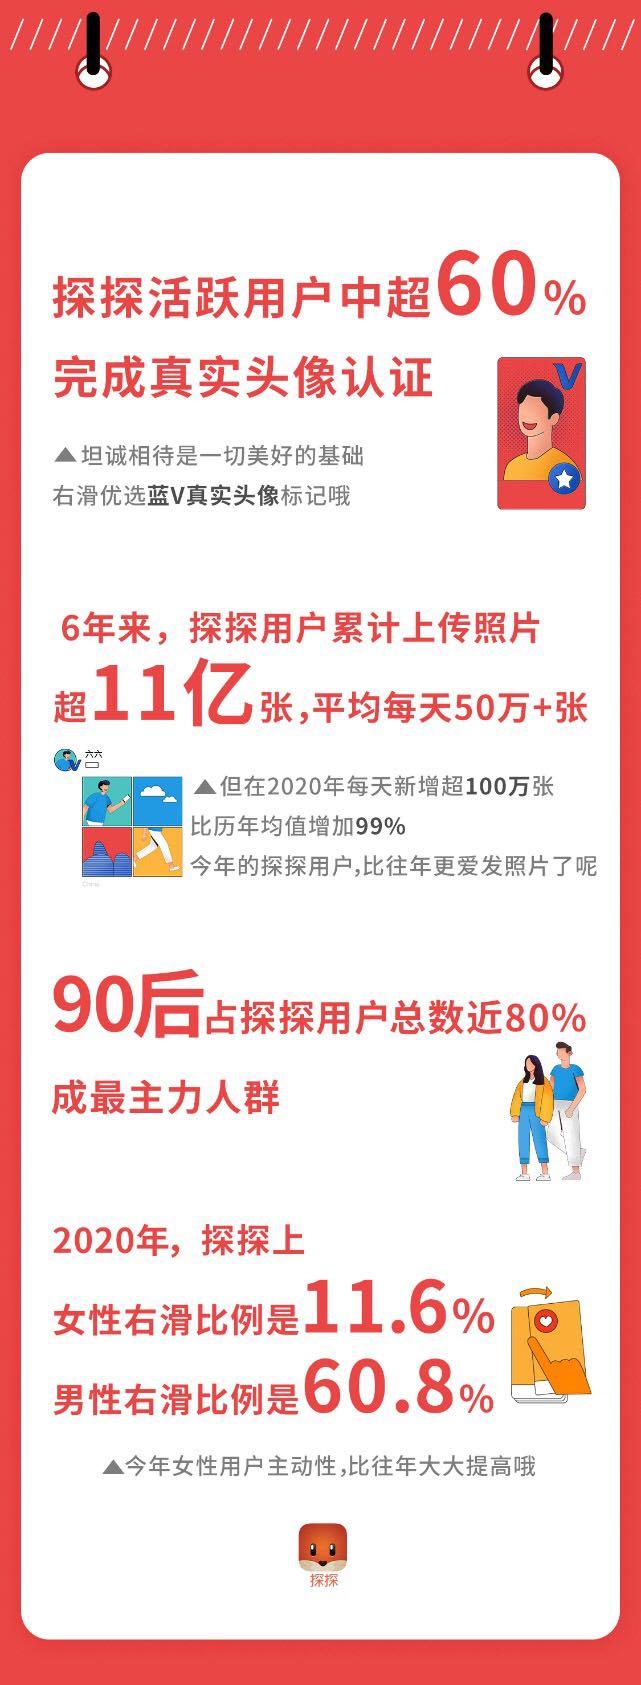 探探6年大数据:全球用户超3.6亿,90后占比近80%